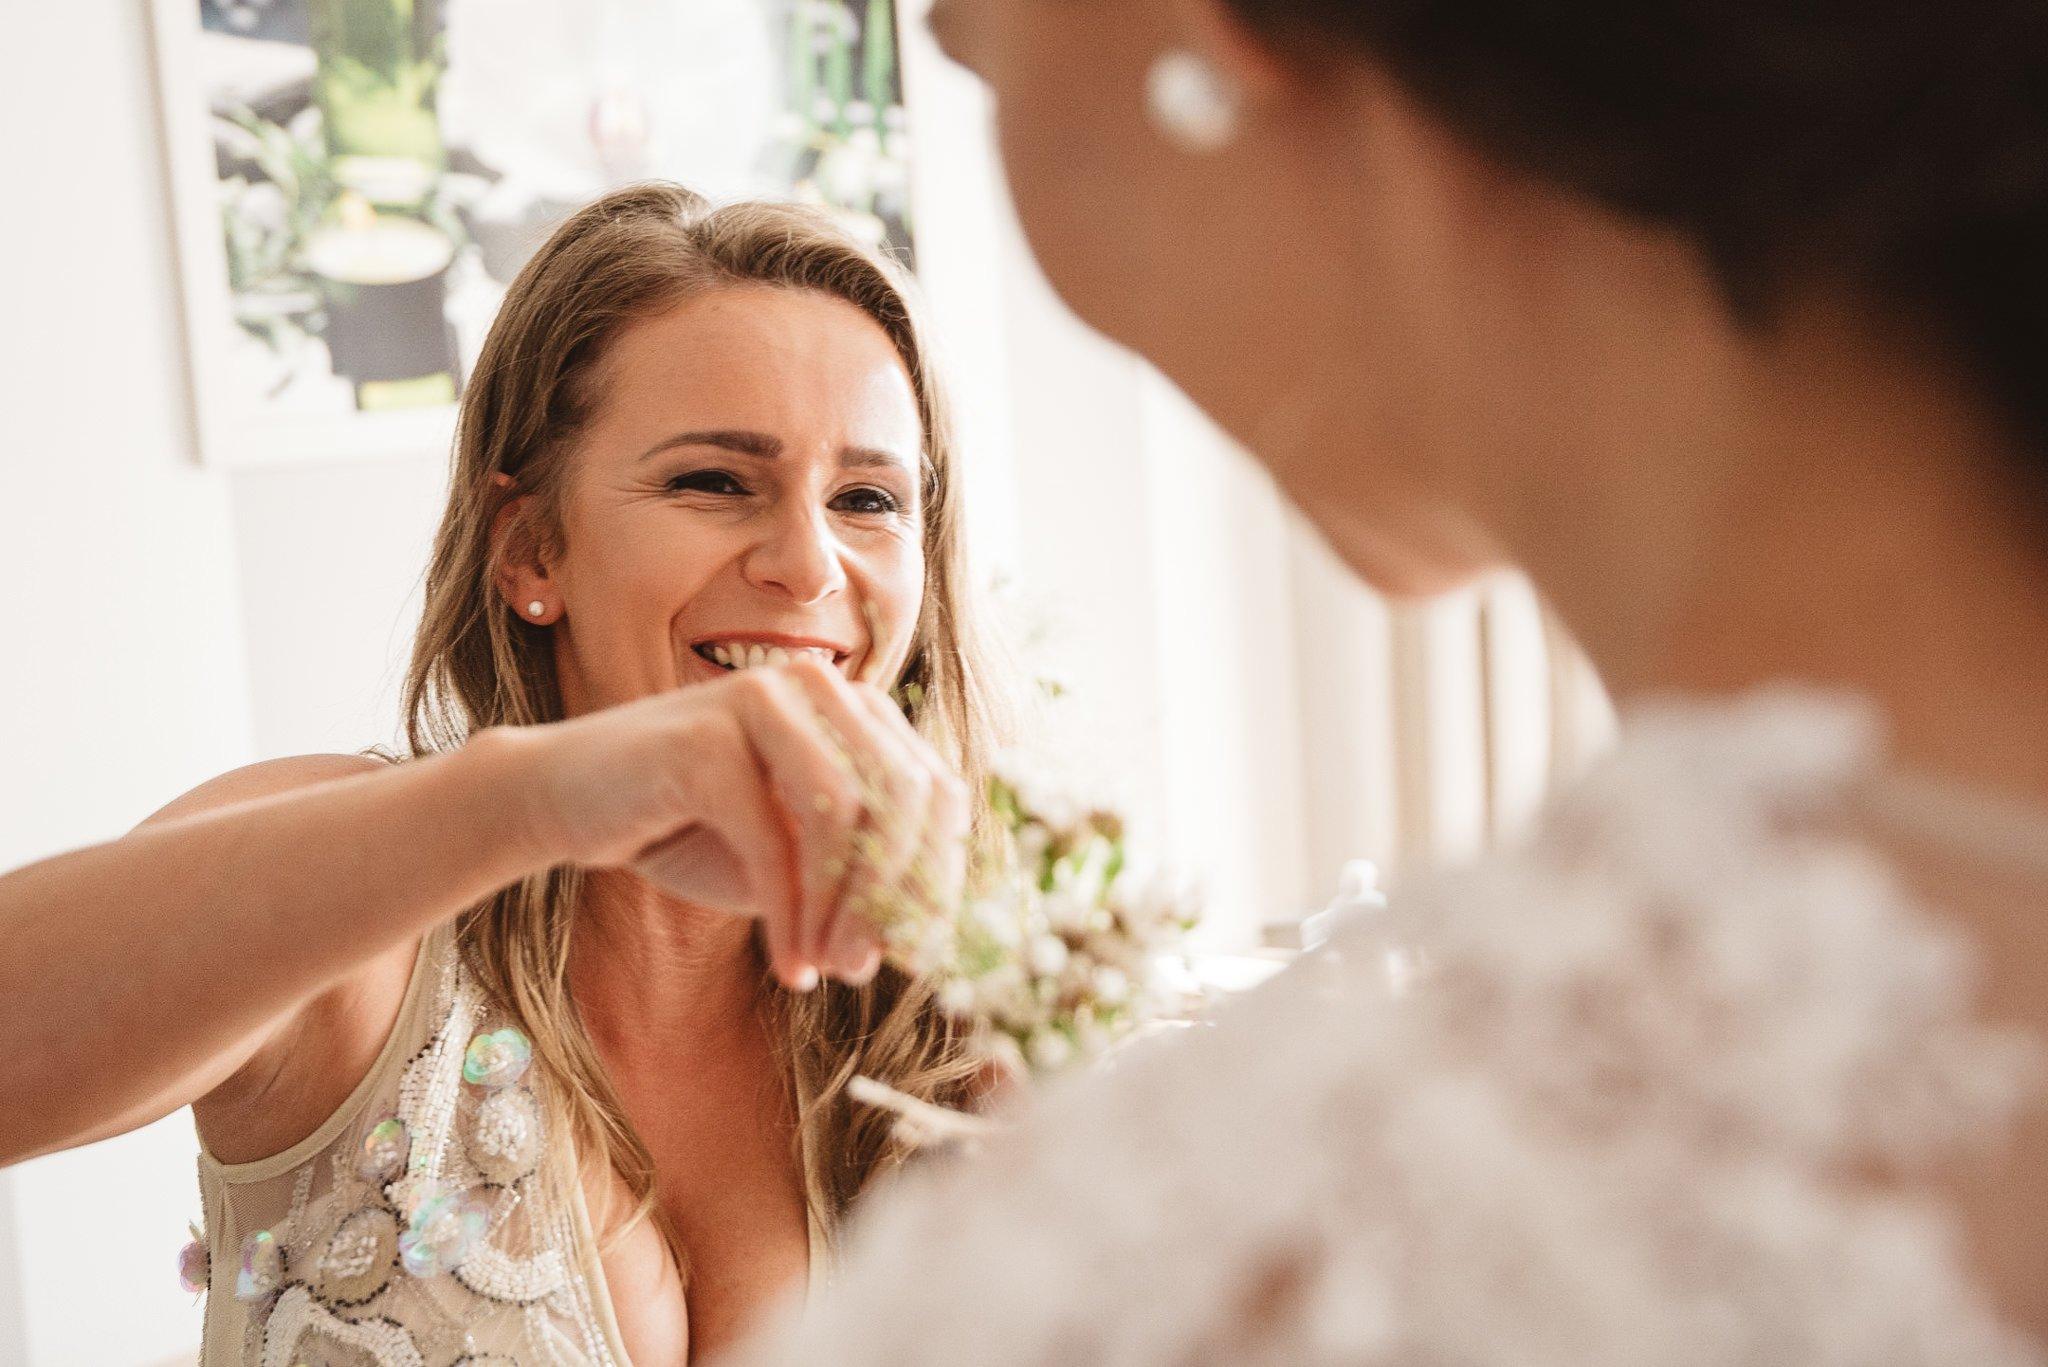 Ala i Arek, czyli jak zorganizować ślub i wesele w 4 tygodnie! 27